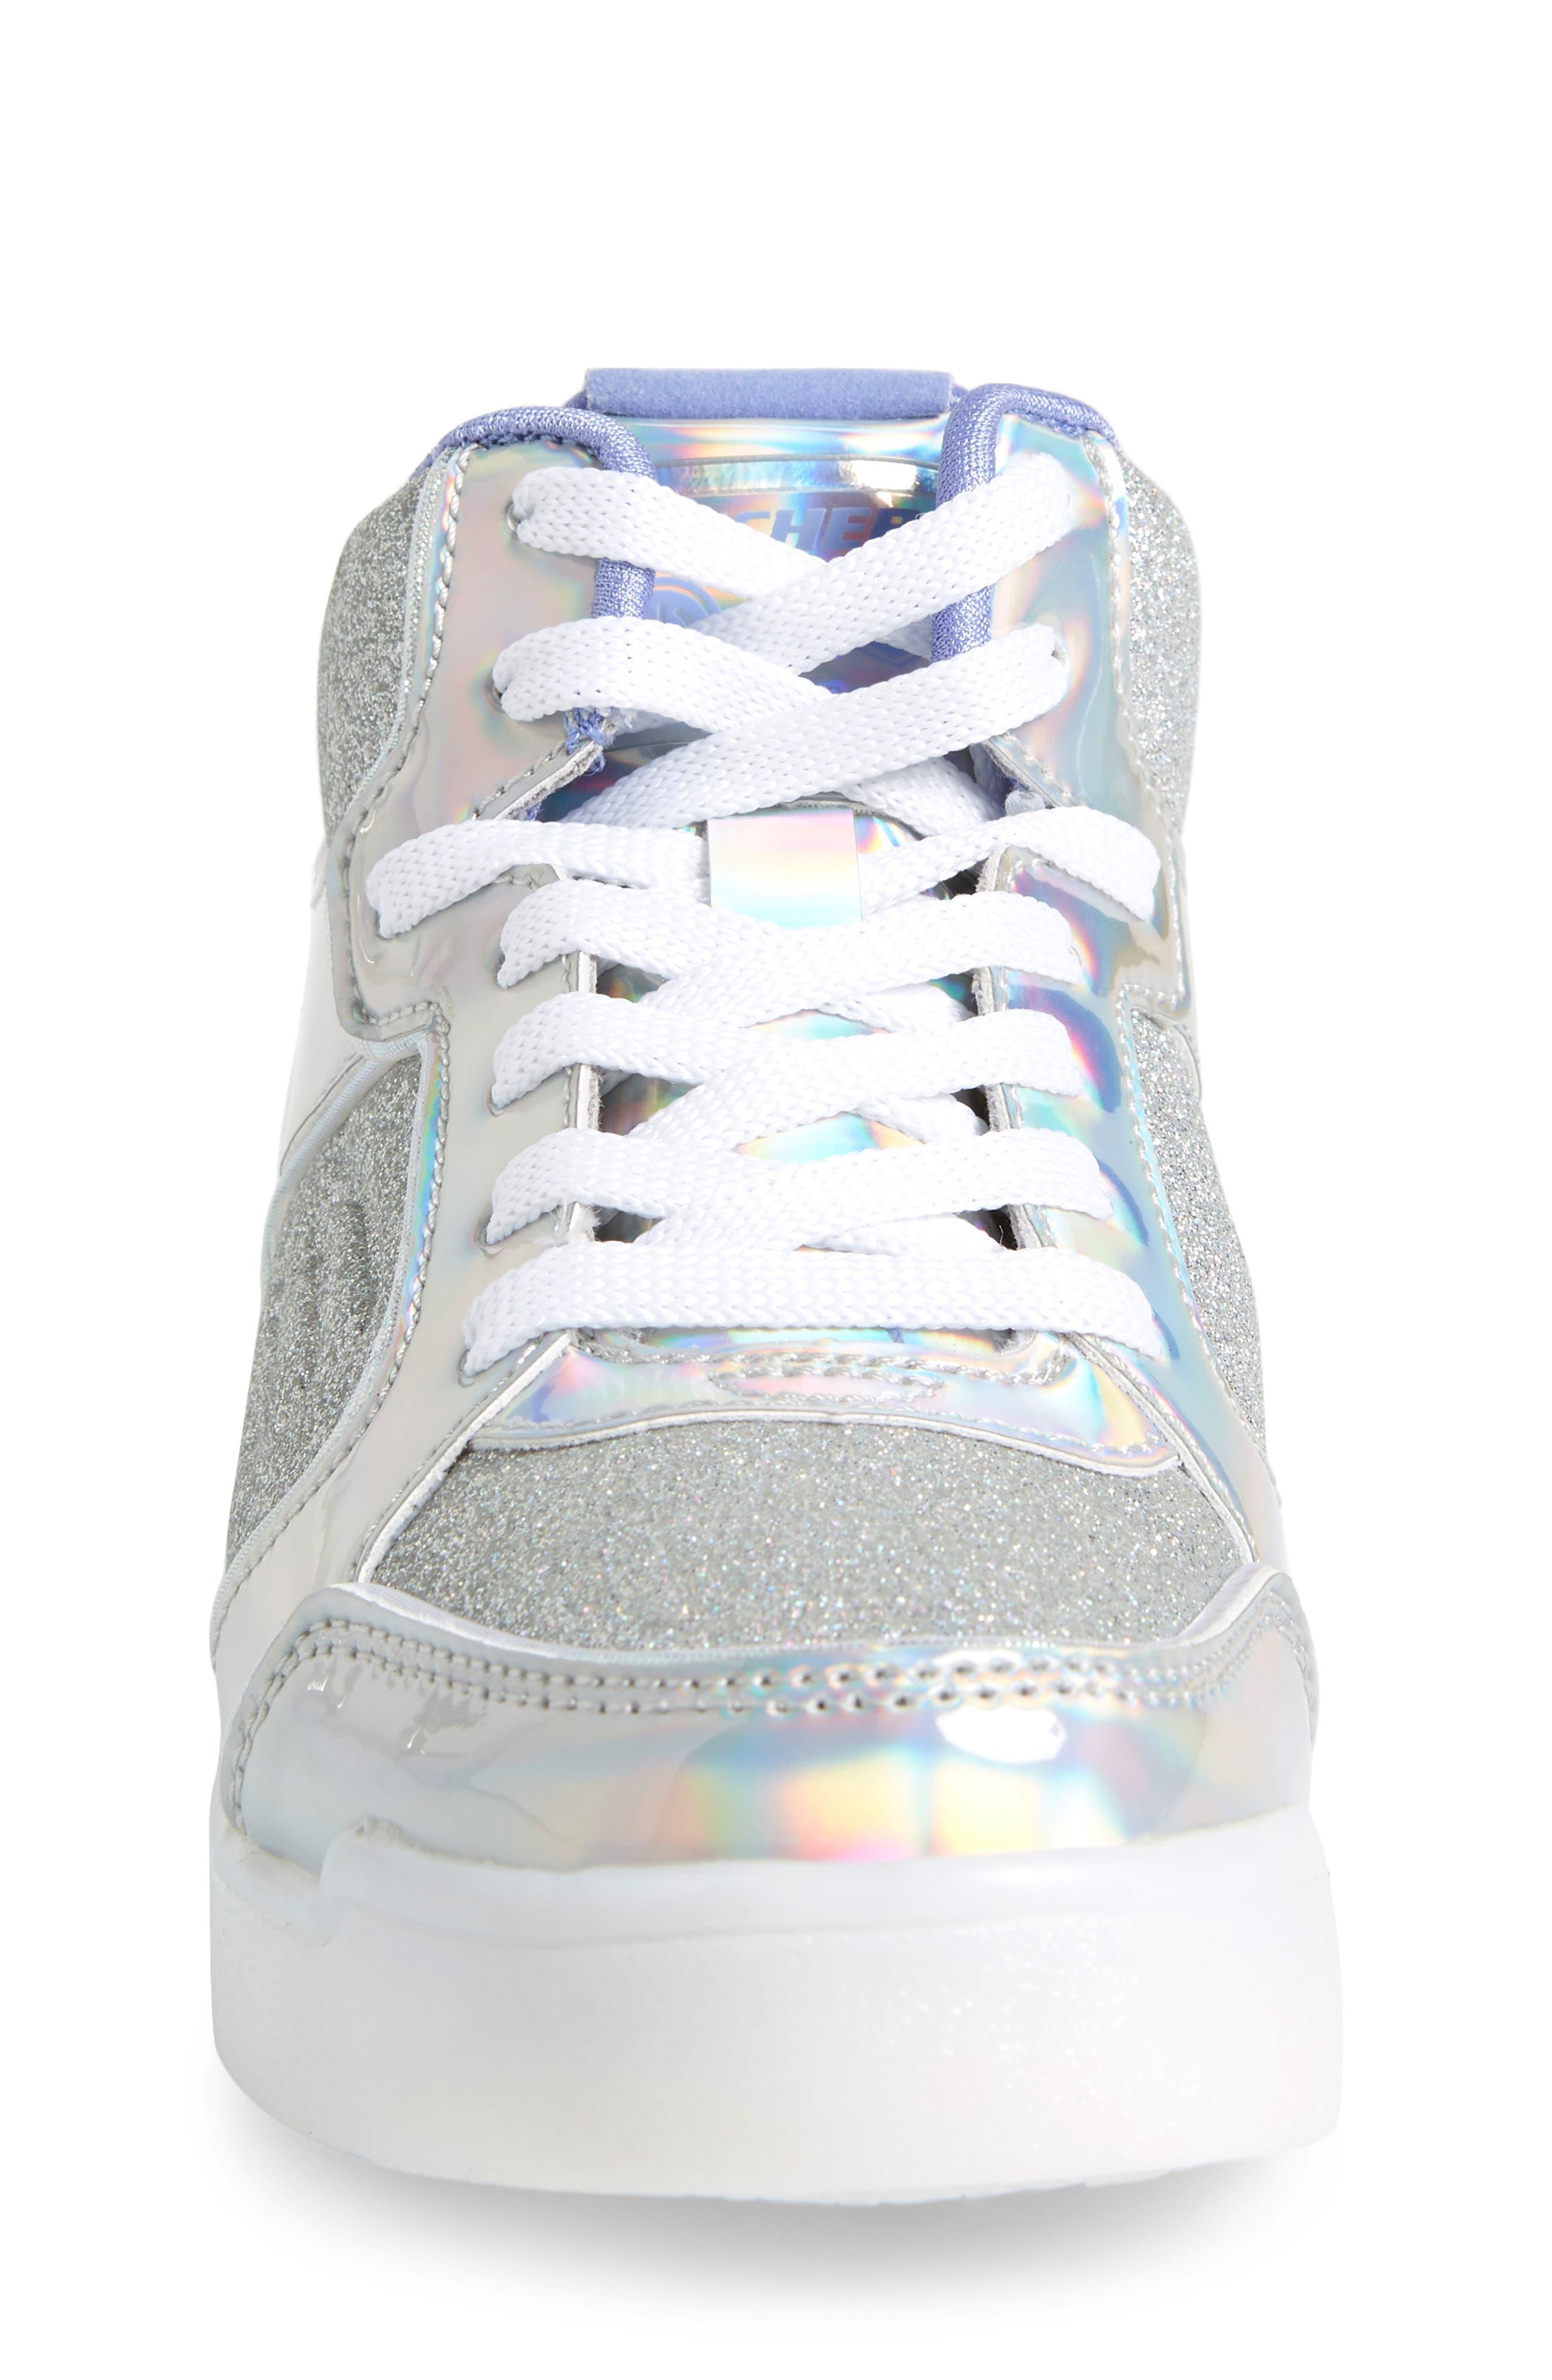 SKECHERS,                             Energy Lights Pro Ultra Light-Up Sneaker,                             Alternate thumbnail 4, color,                             SILVER